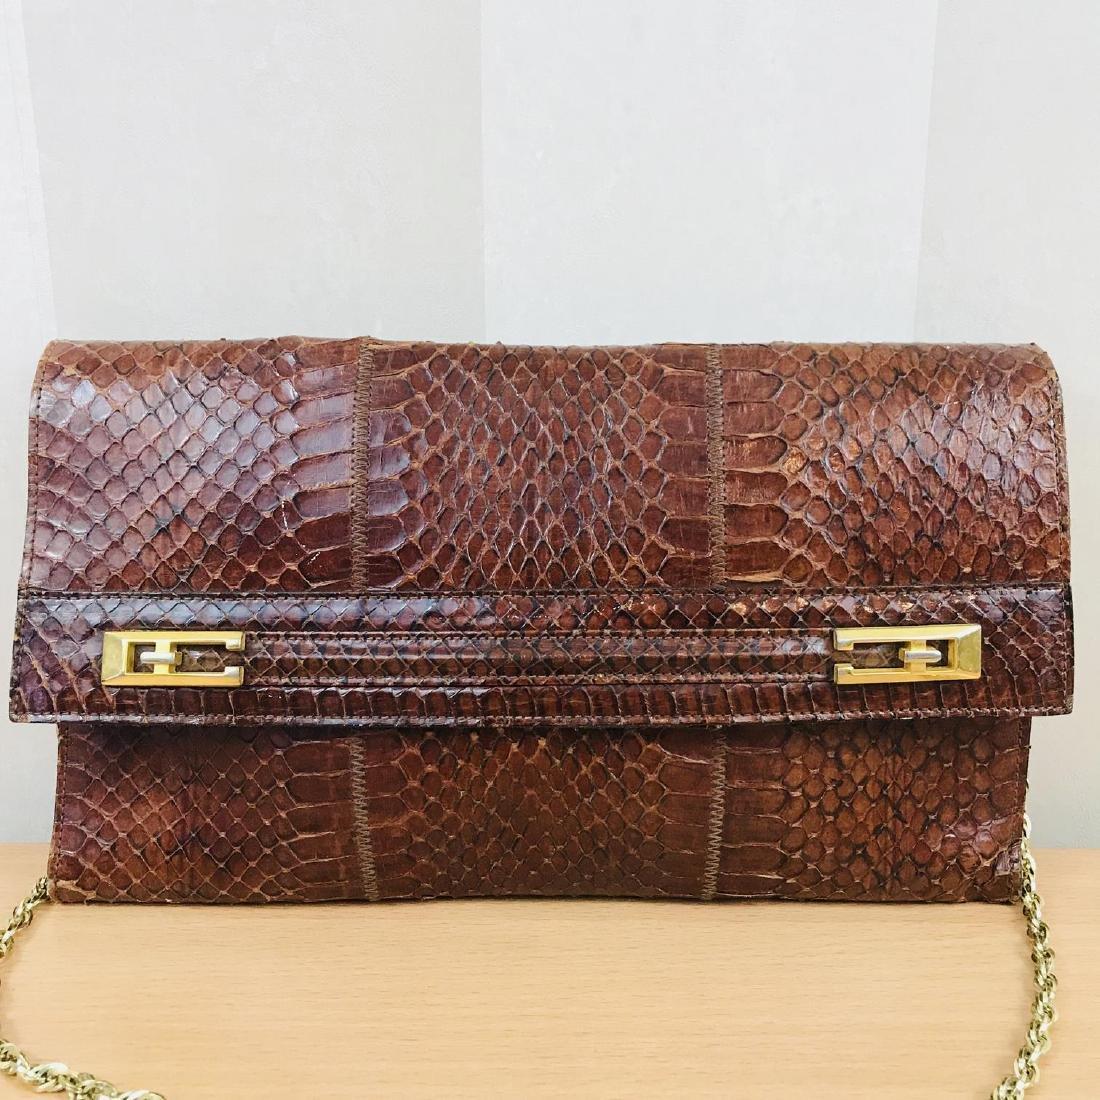 Vintage Handmade Genuine Snake Skin Leather Clutch Bag - 2